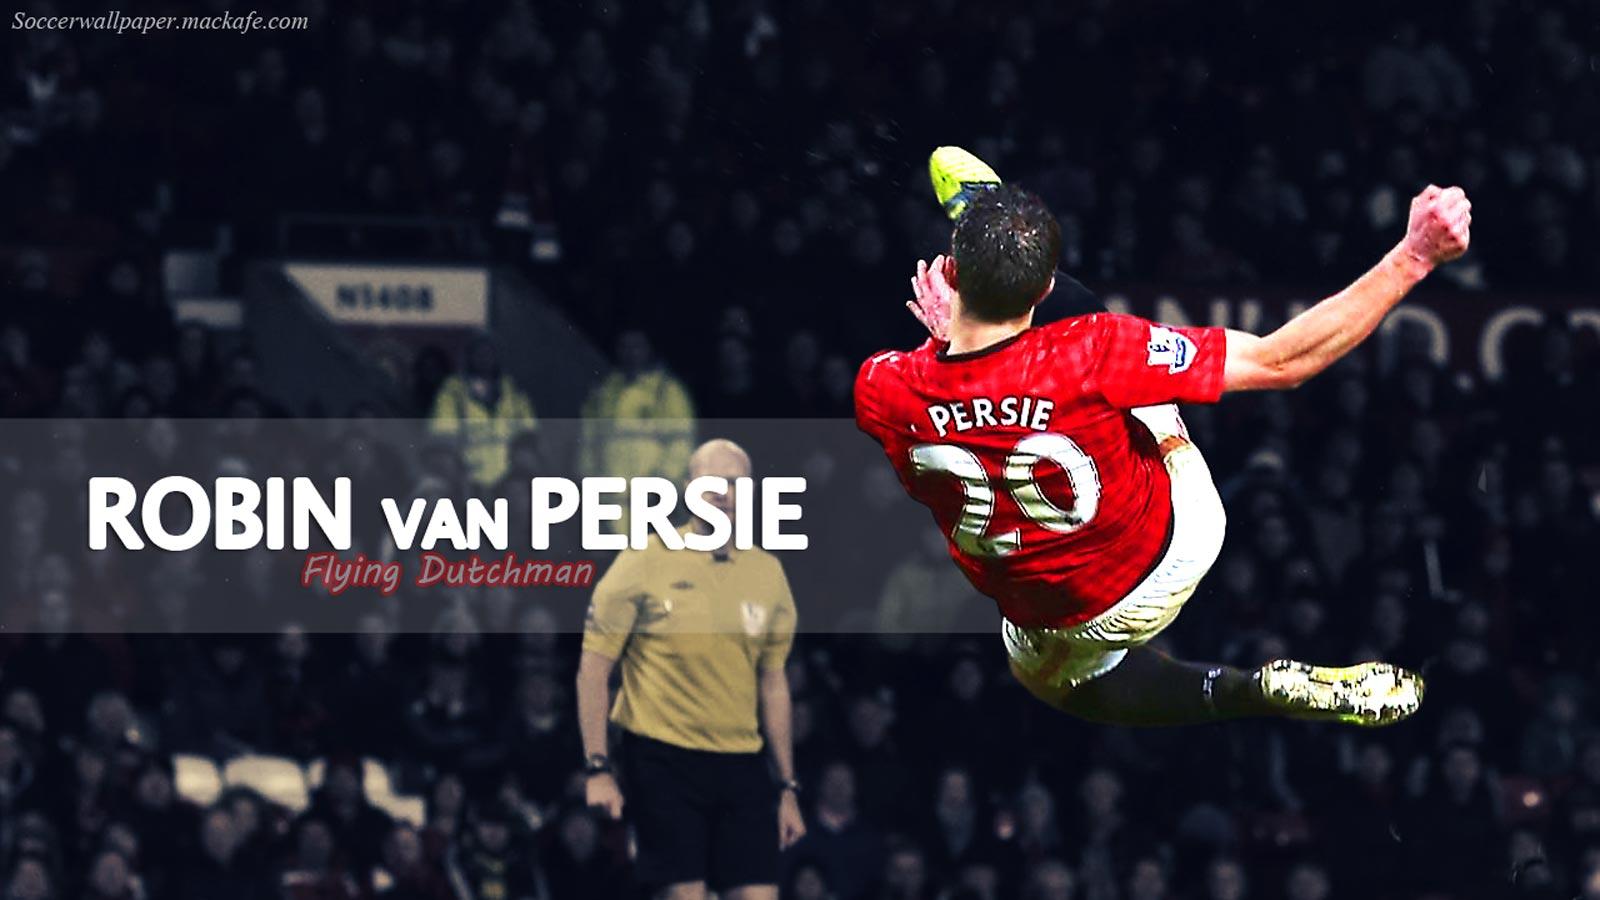 Robin van persie football wallpaper voltagebd Image collections